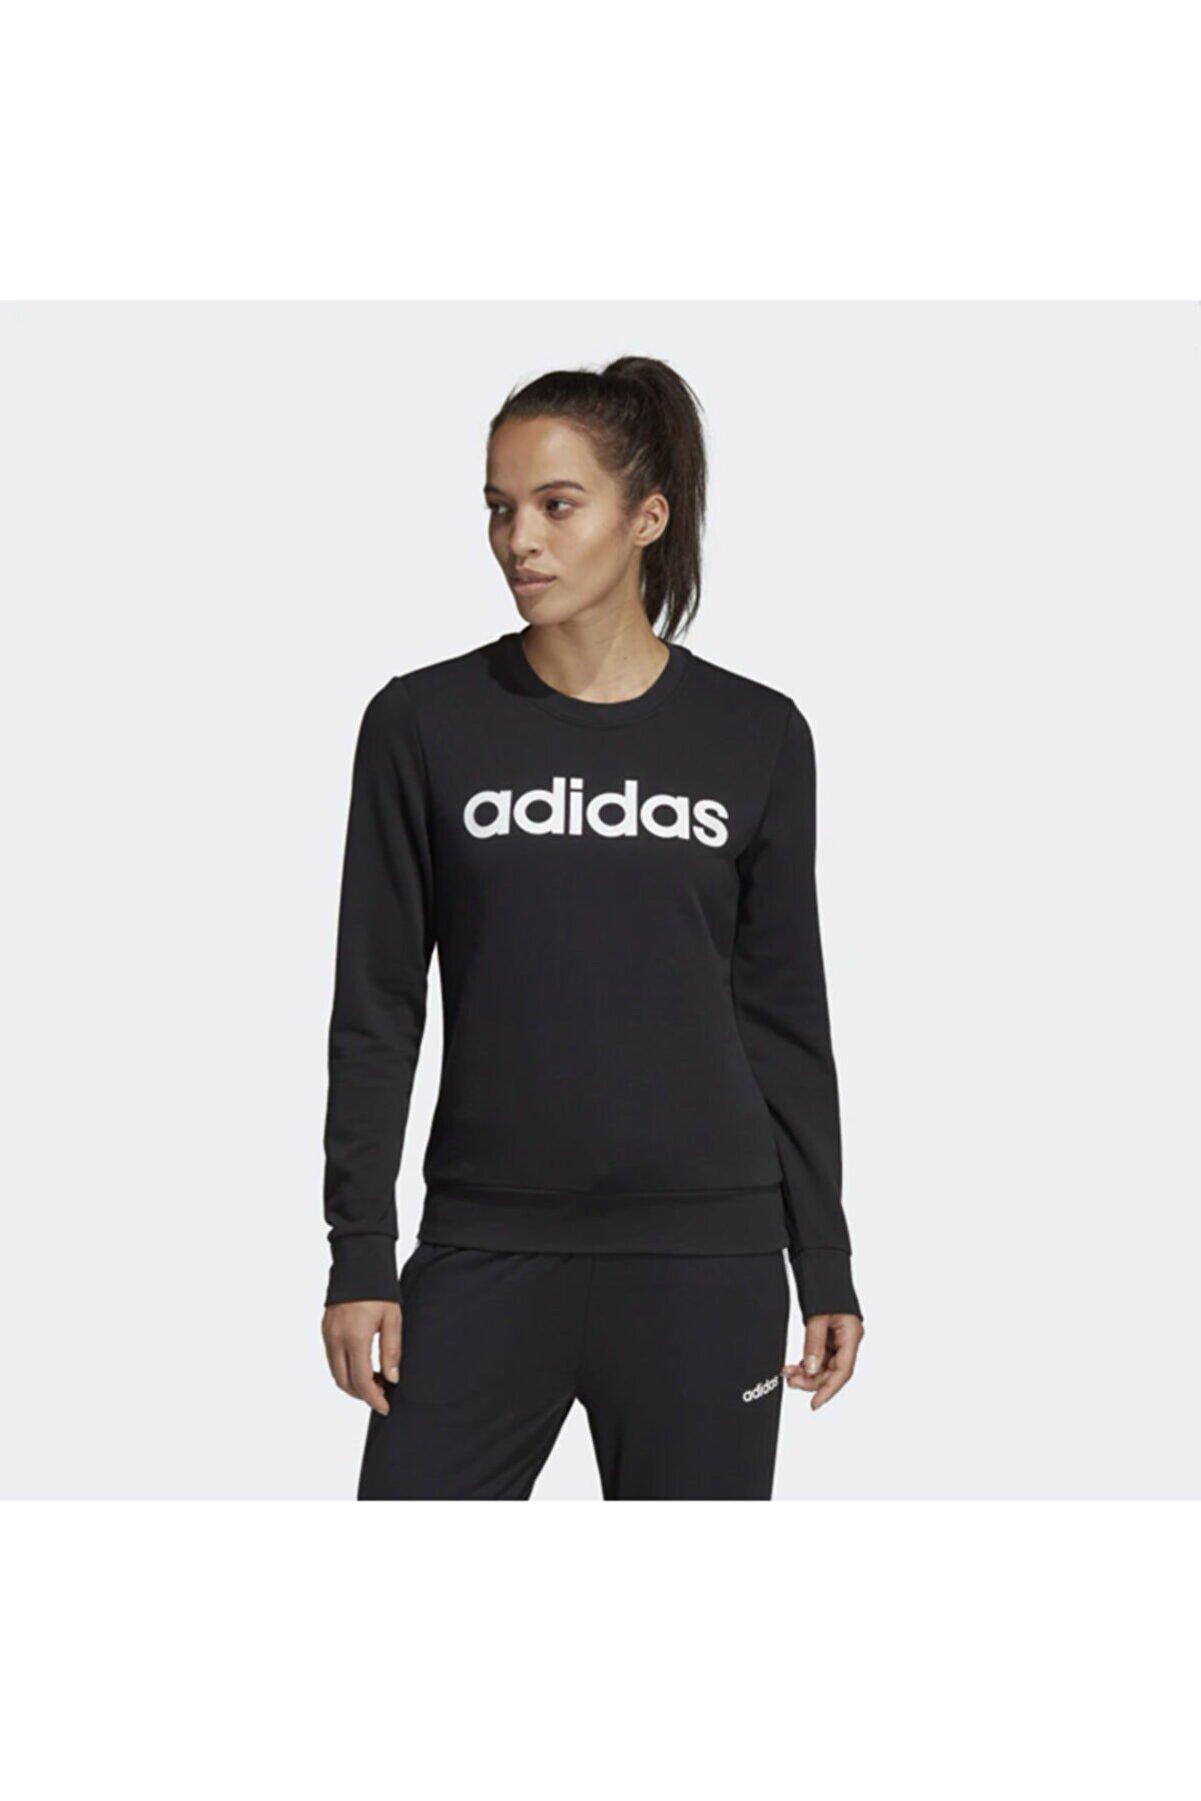 adidas W E LIN SWEAT' Siyah Kadın Sweatshirt 100479658